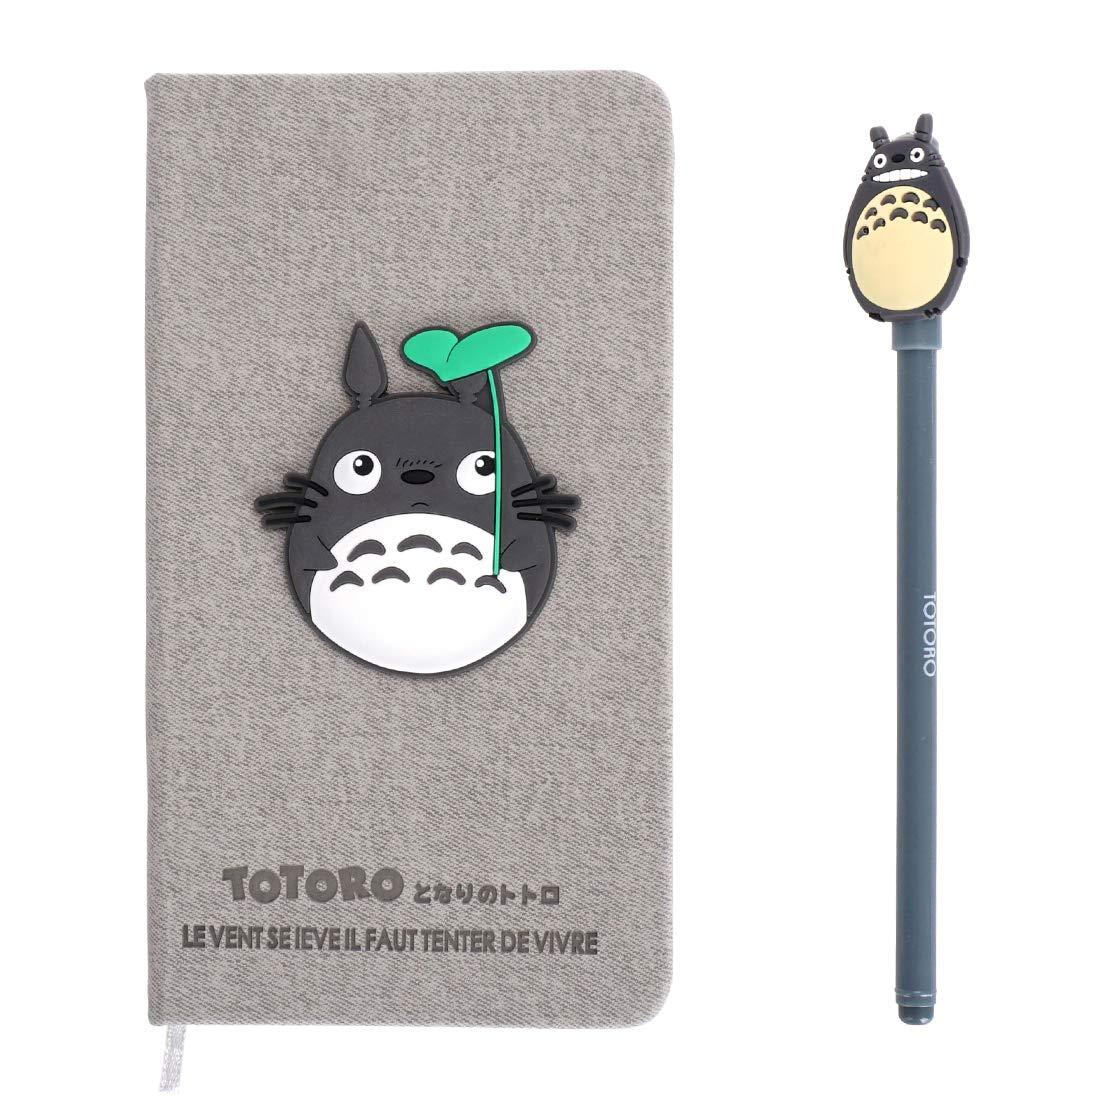 CoolChange Taccuino/diario di Totoro a copertina dura con penna a tratto sottile